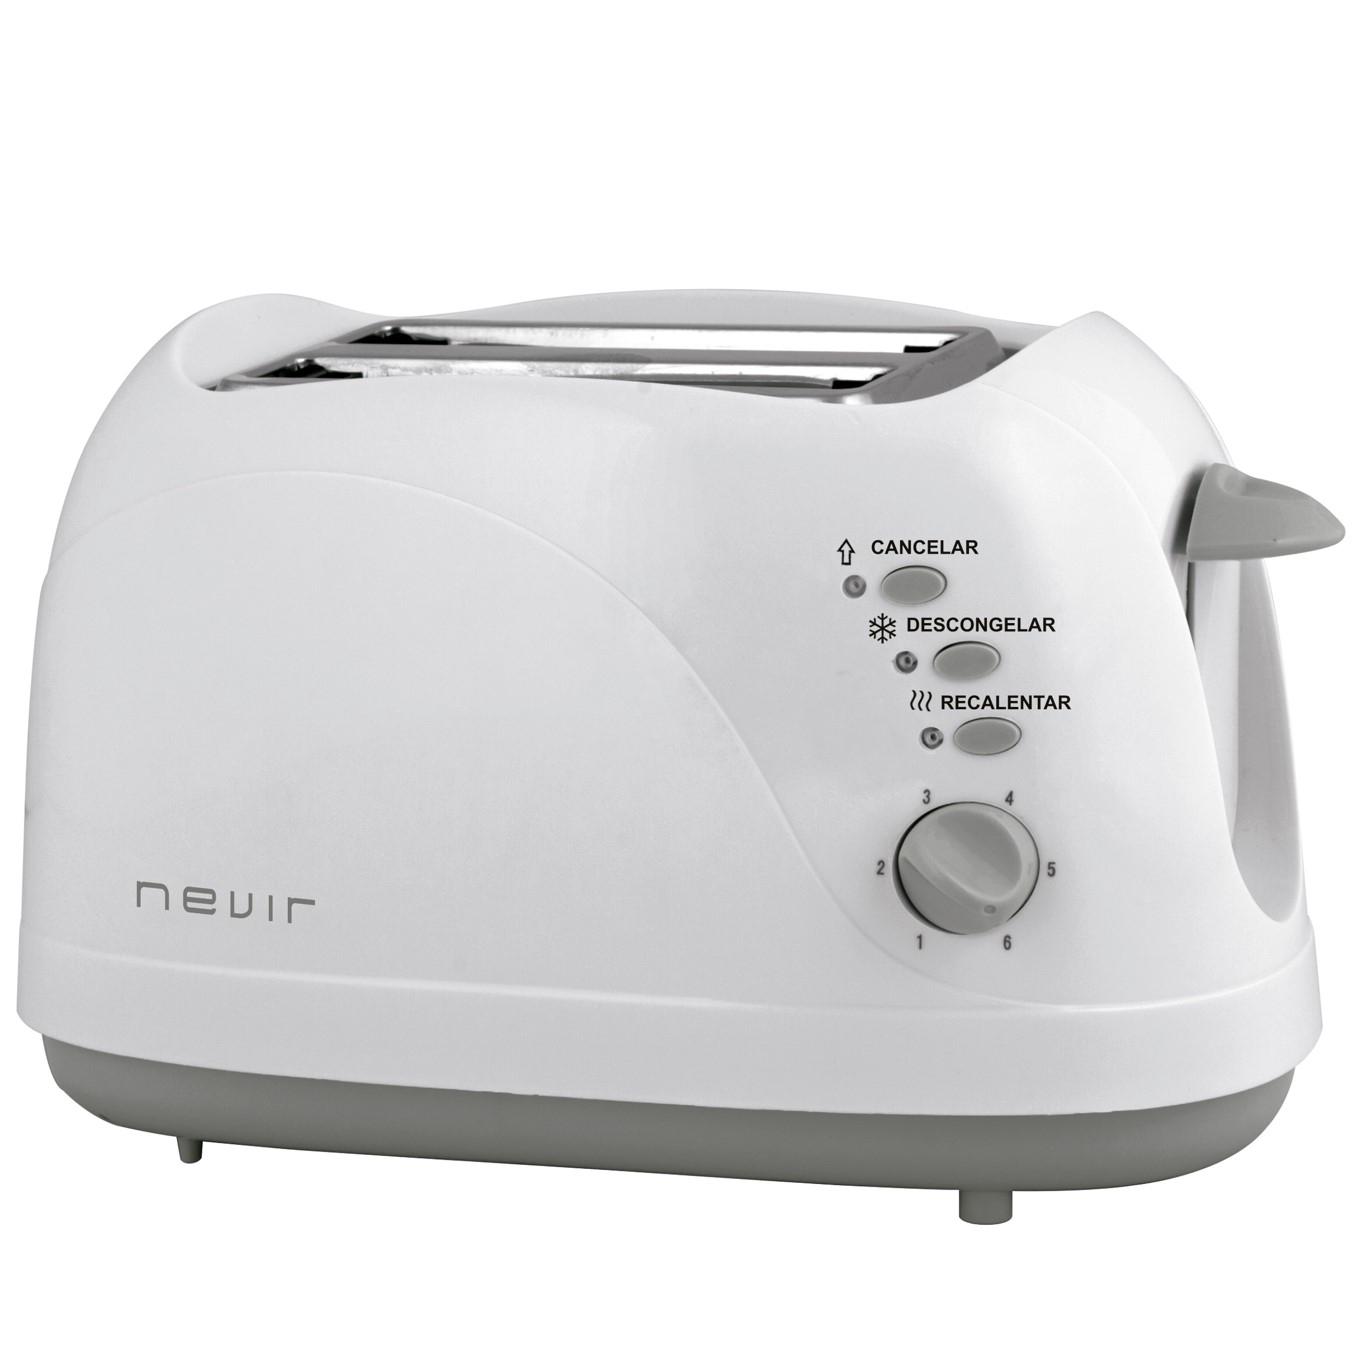 NVR-9823T